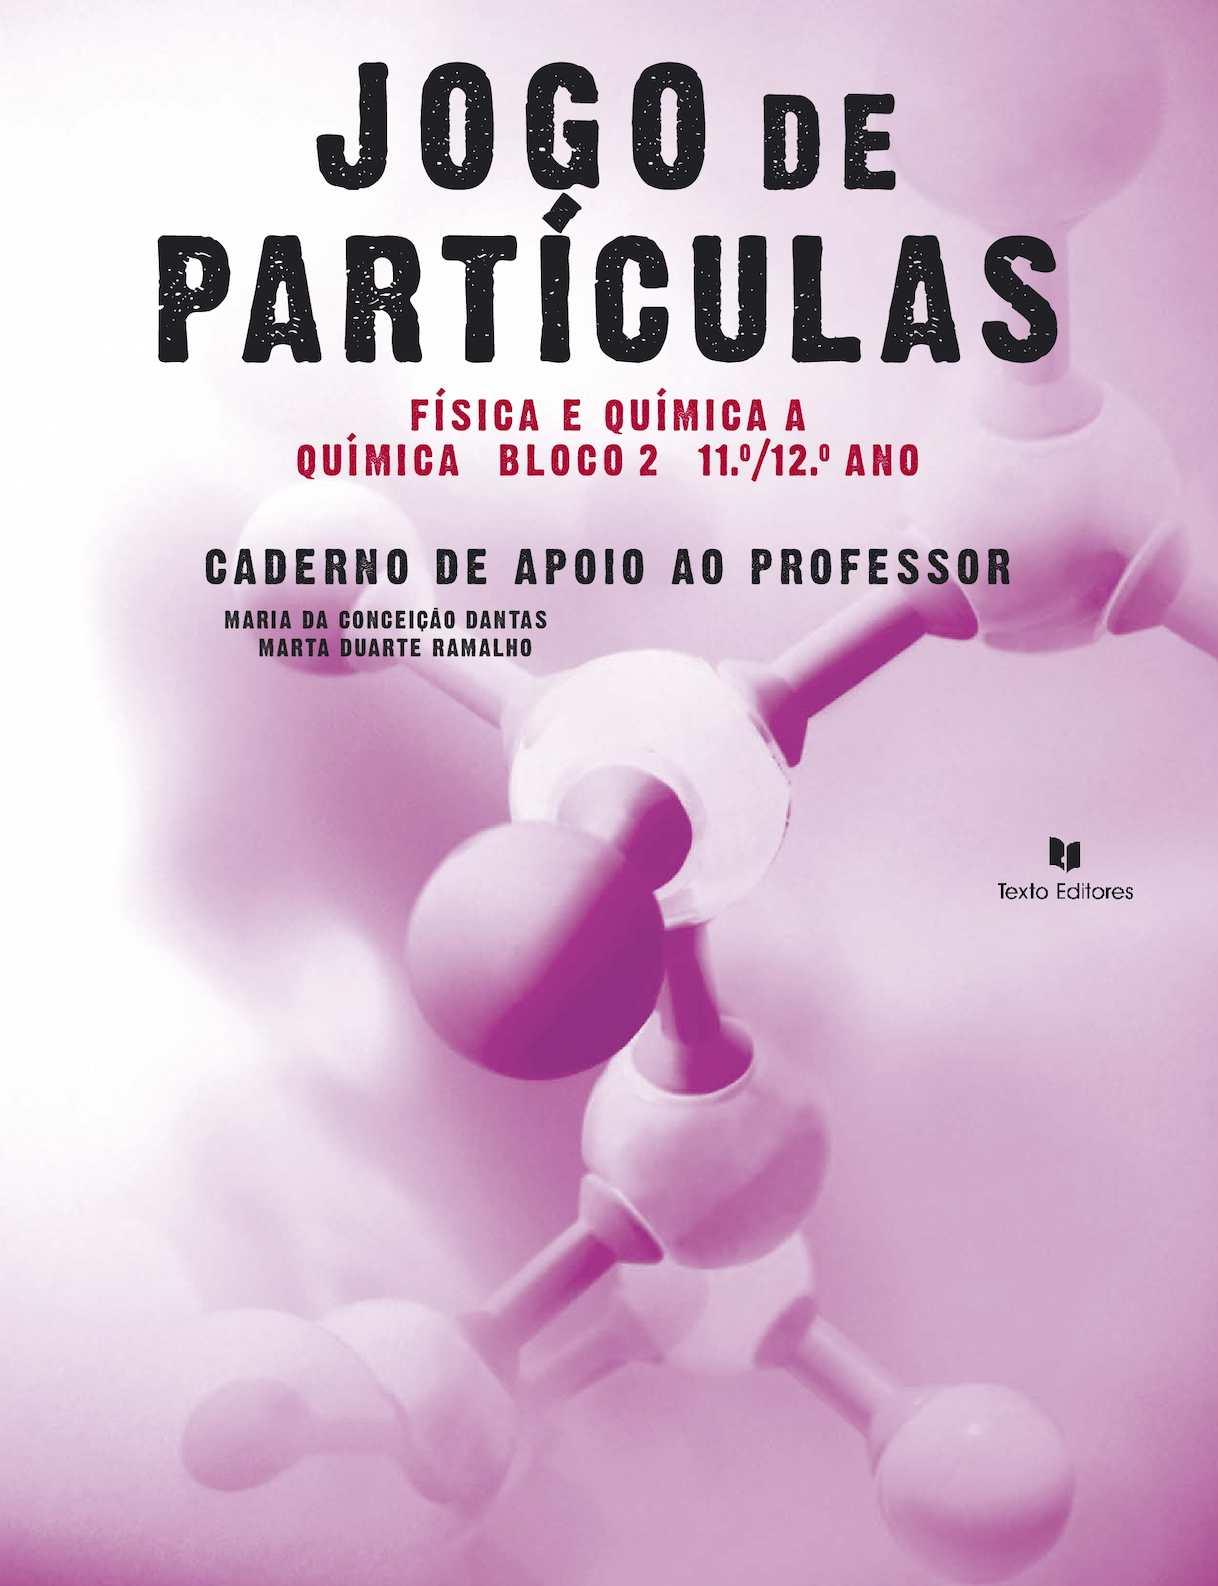 Caderno De Apoio Ao Professor (1).